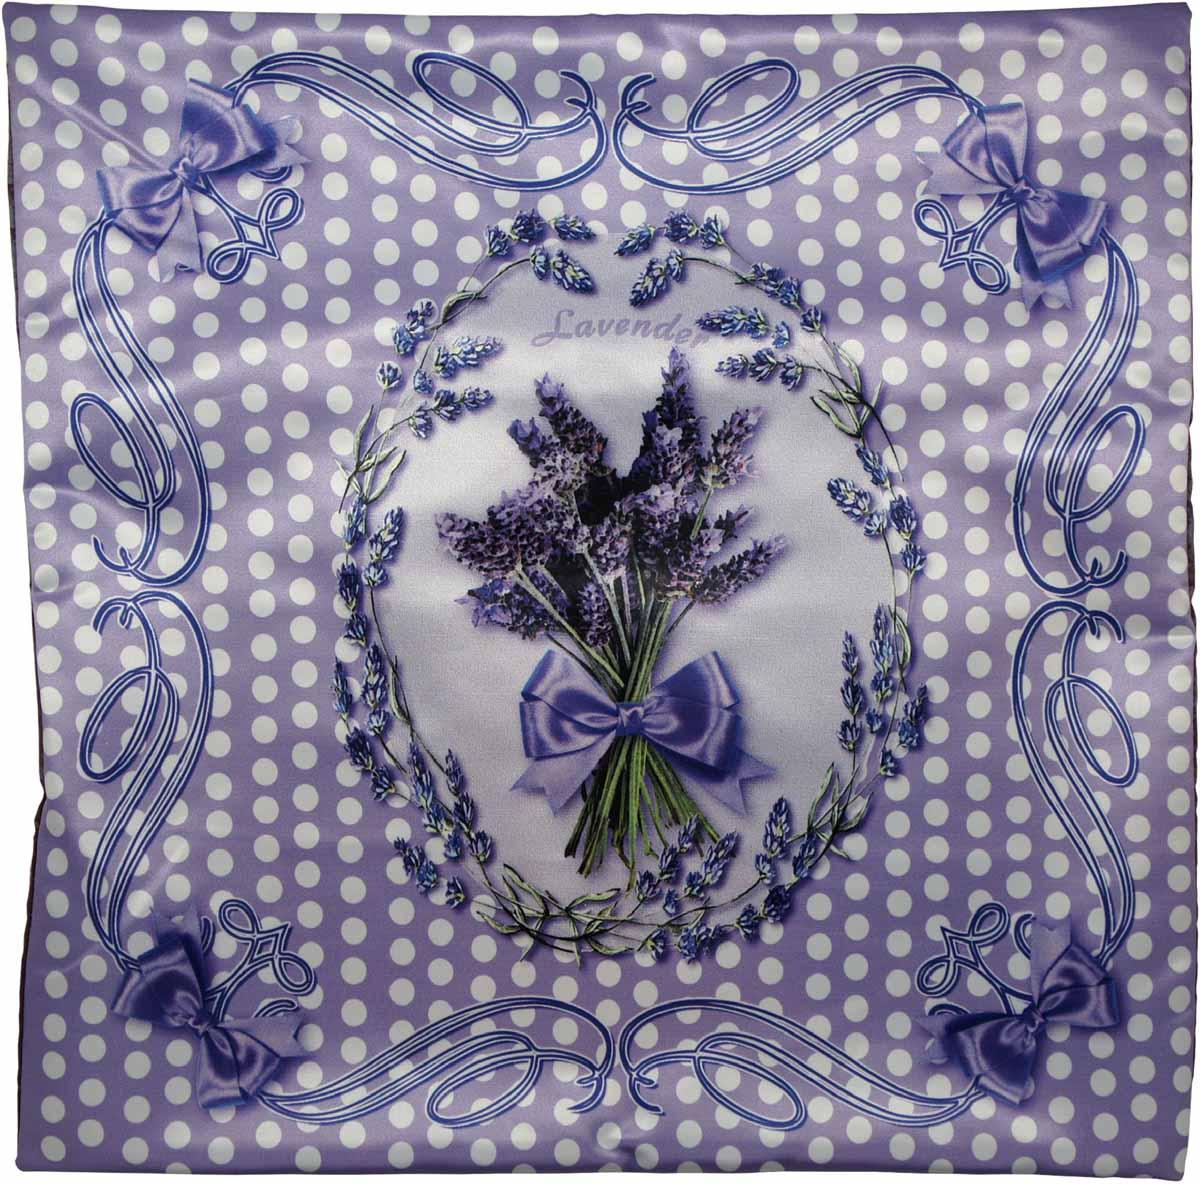 Наволочка для декоративной подушки GiftnHome Лаванда, цвет: сиреневый, зеленый, белый, 45 х 45 смНВЛ-45 Lavender-1Изделие изготовлено из искусственного шелка - атласа! Наволочка на молнии